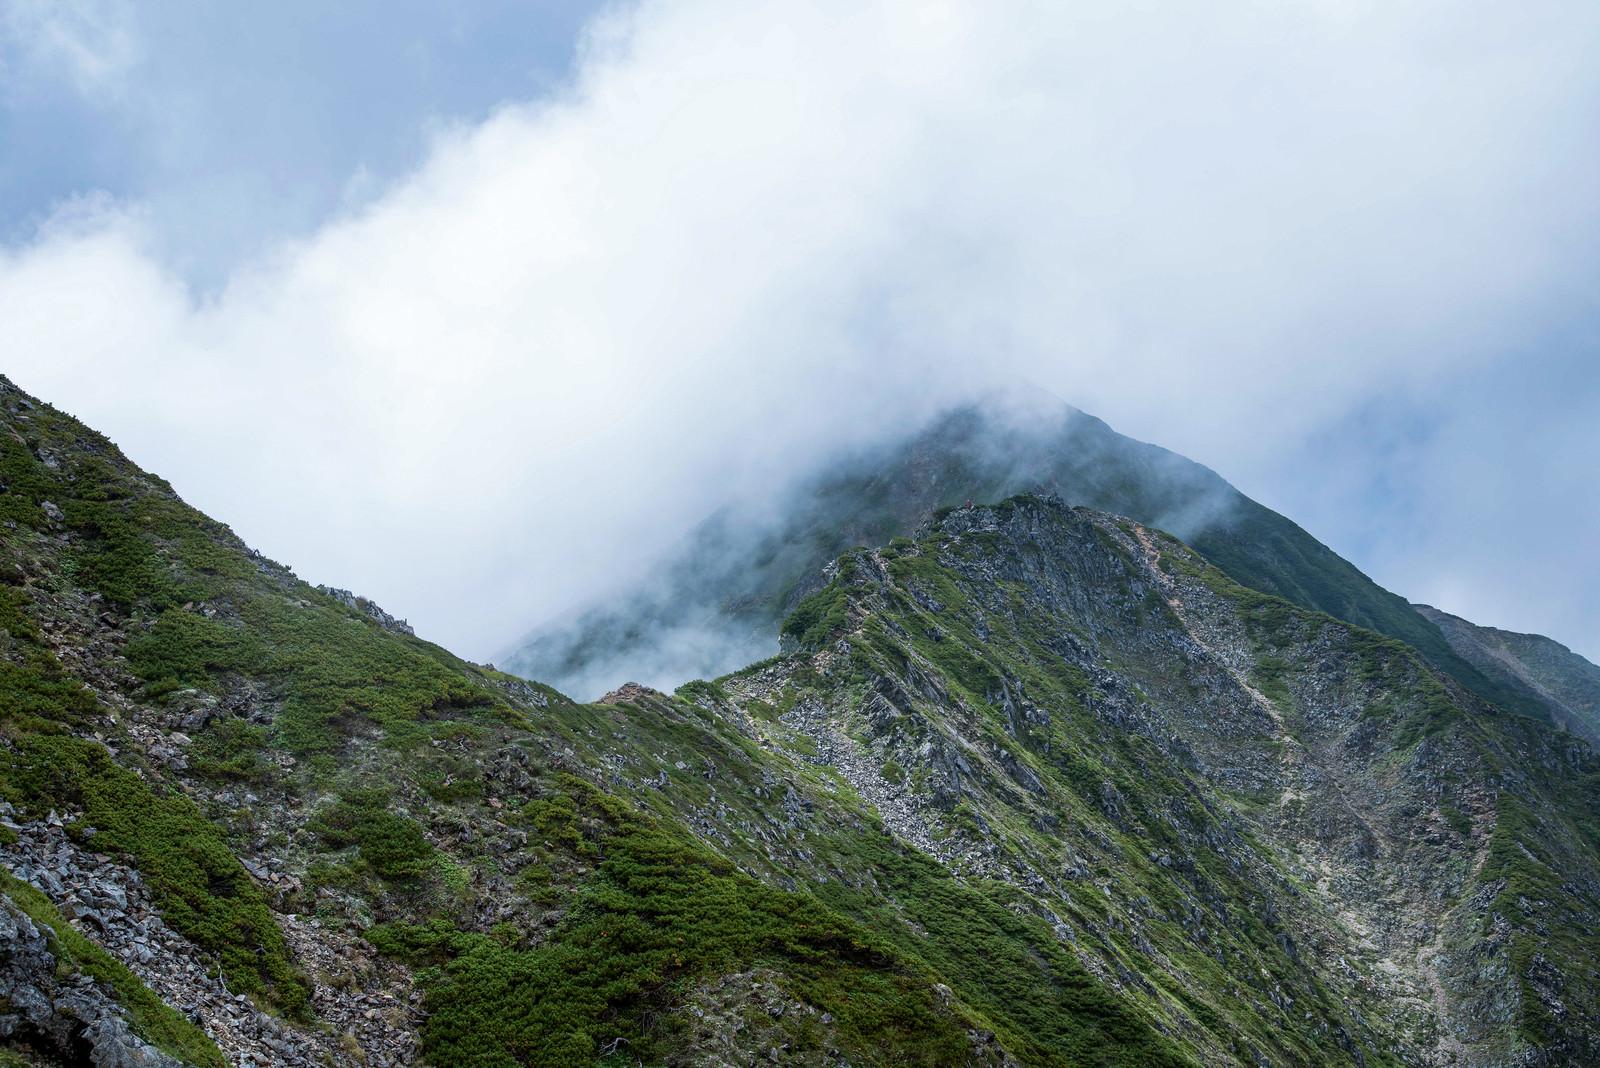 「稜線を飲み込む大量の雲」の写真